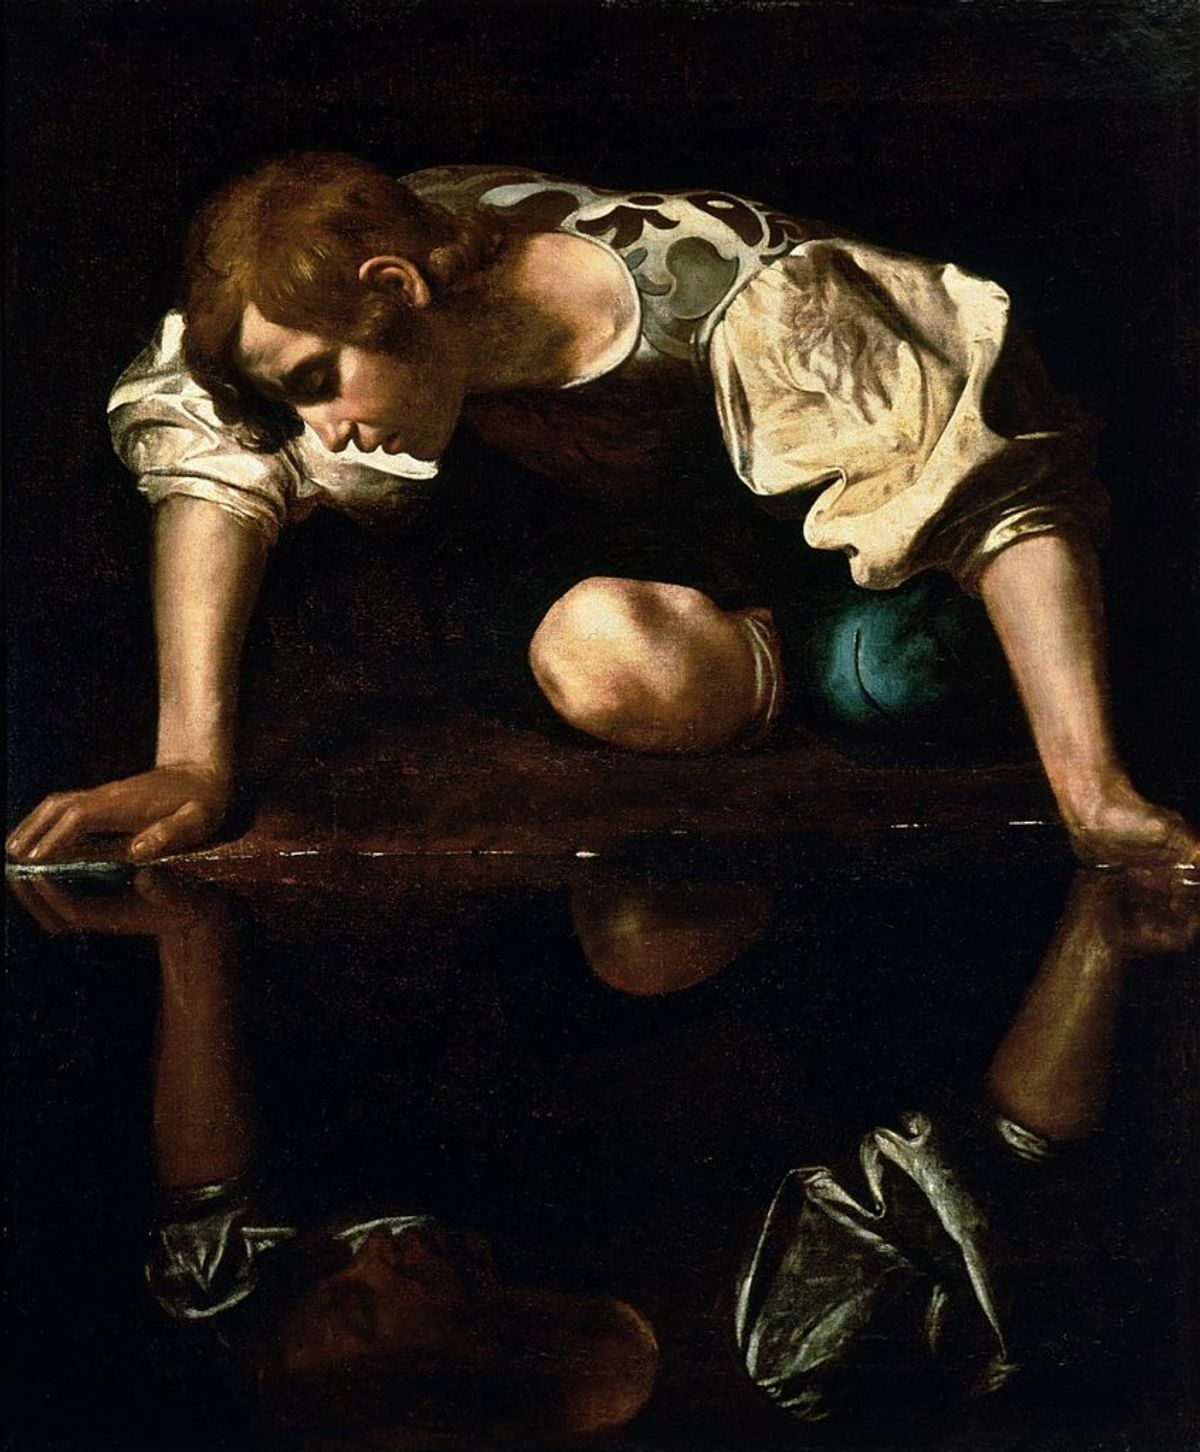 1024px-Narcissus-Caravaggio_1594-96_edited-846x1024